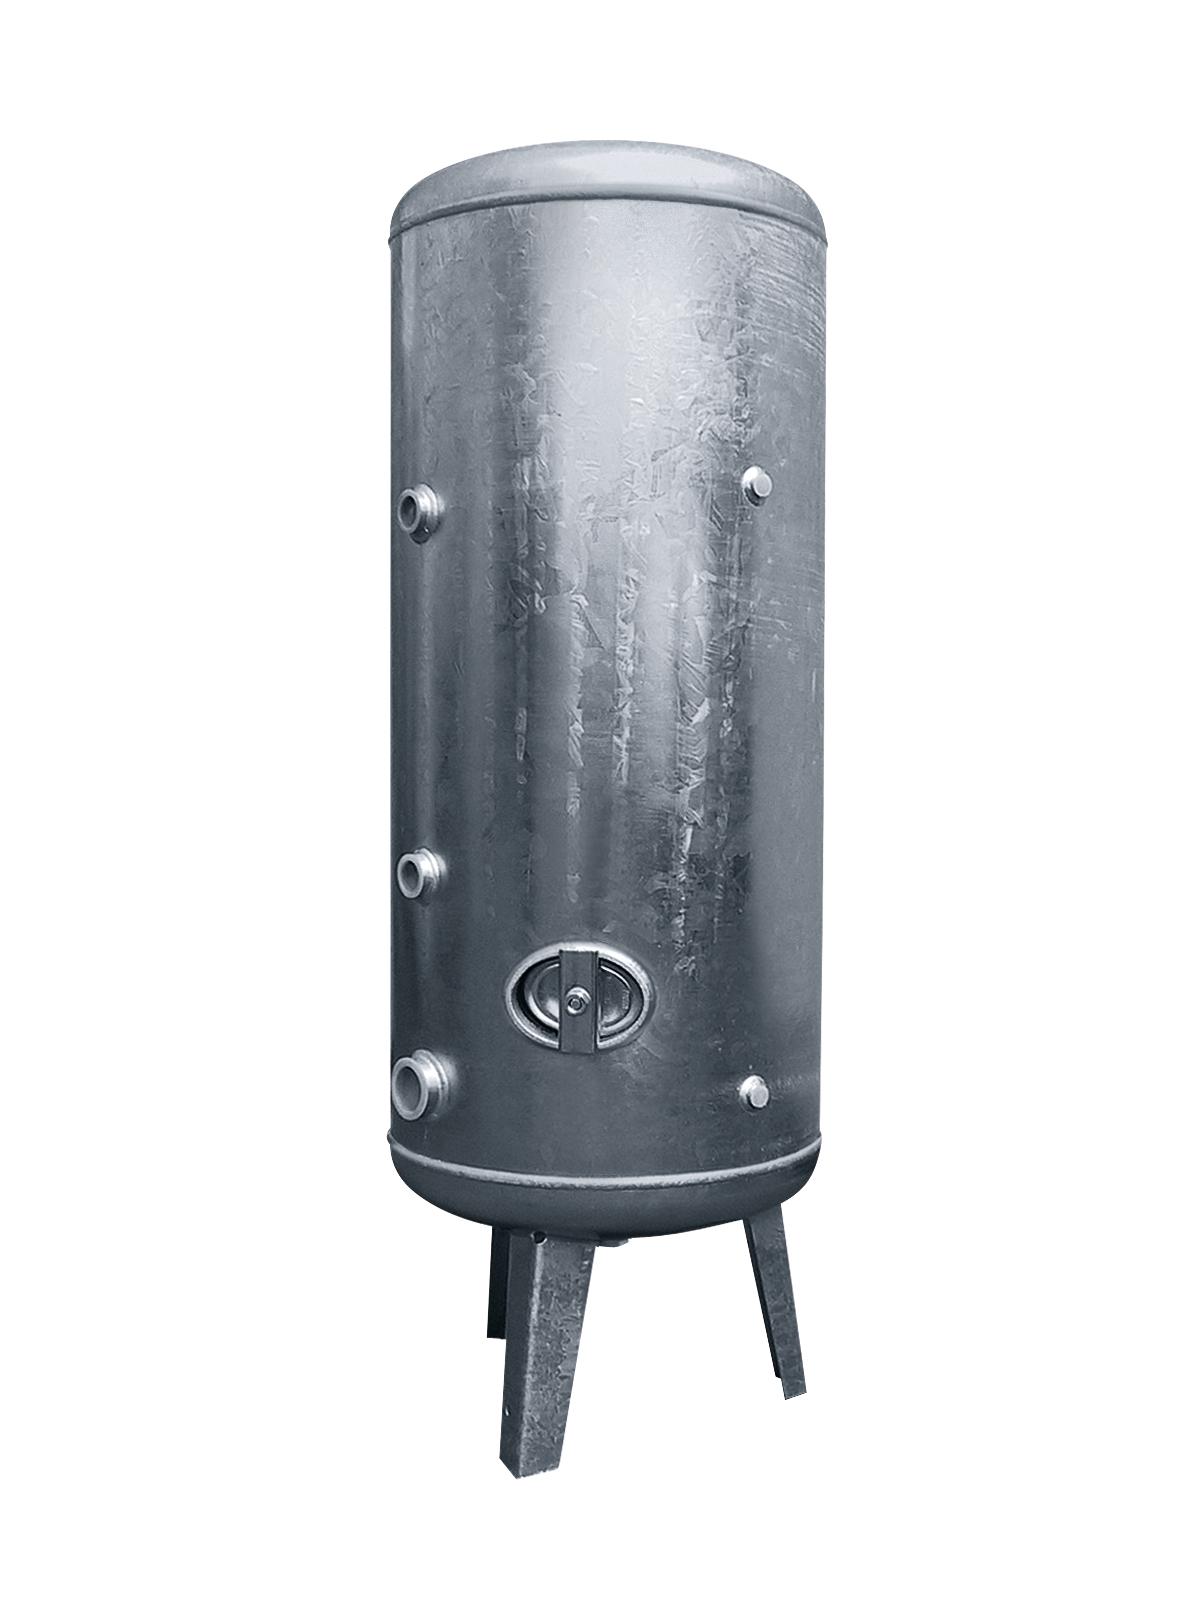 DUG GmbH - Heider Druckkessel nach DIN 4810, Druckwasserbehälter 300 ...